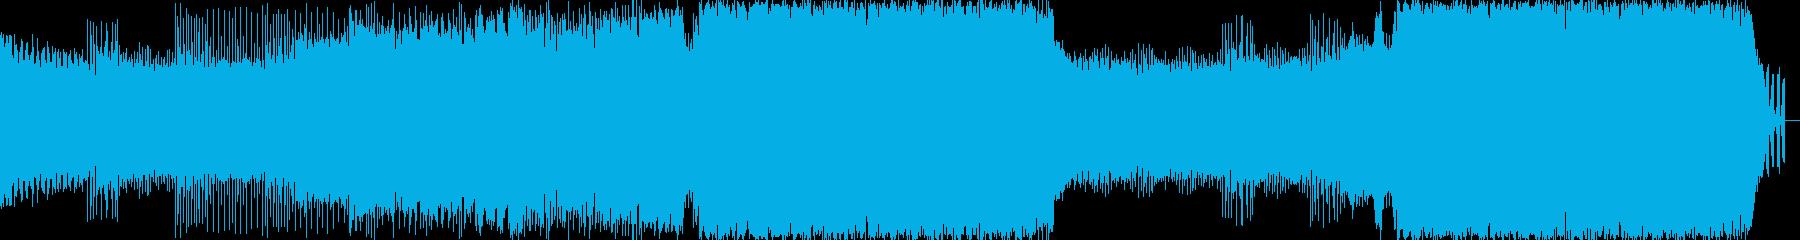 朝の清清しい空気に合うEDMの再生済みの波形